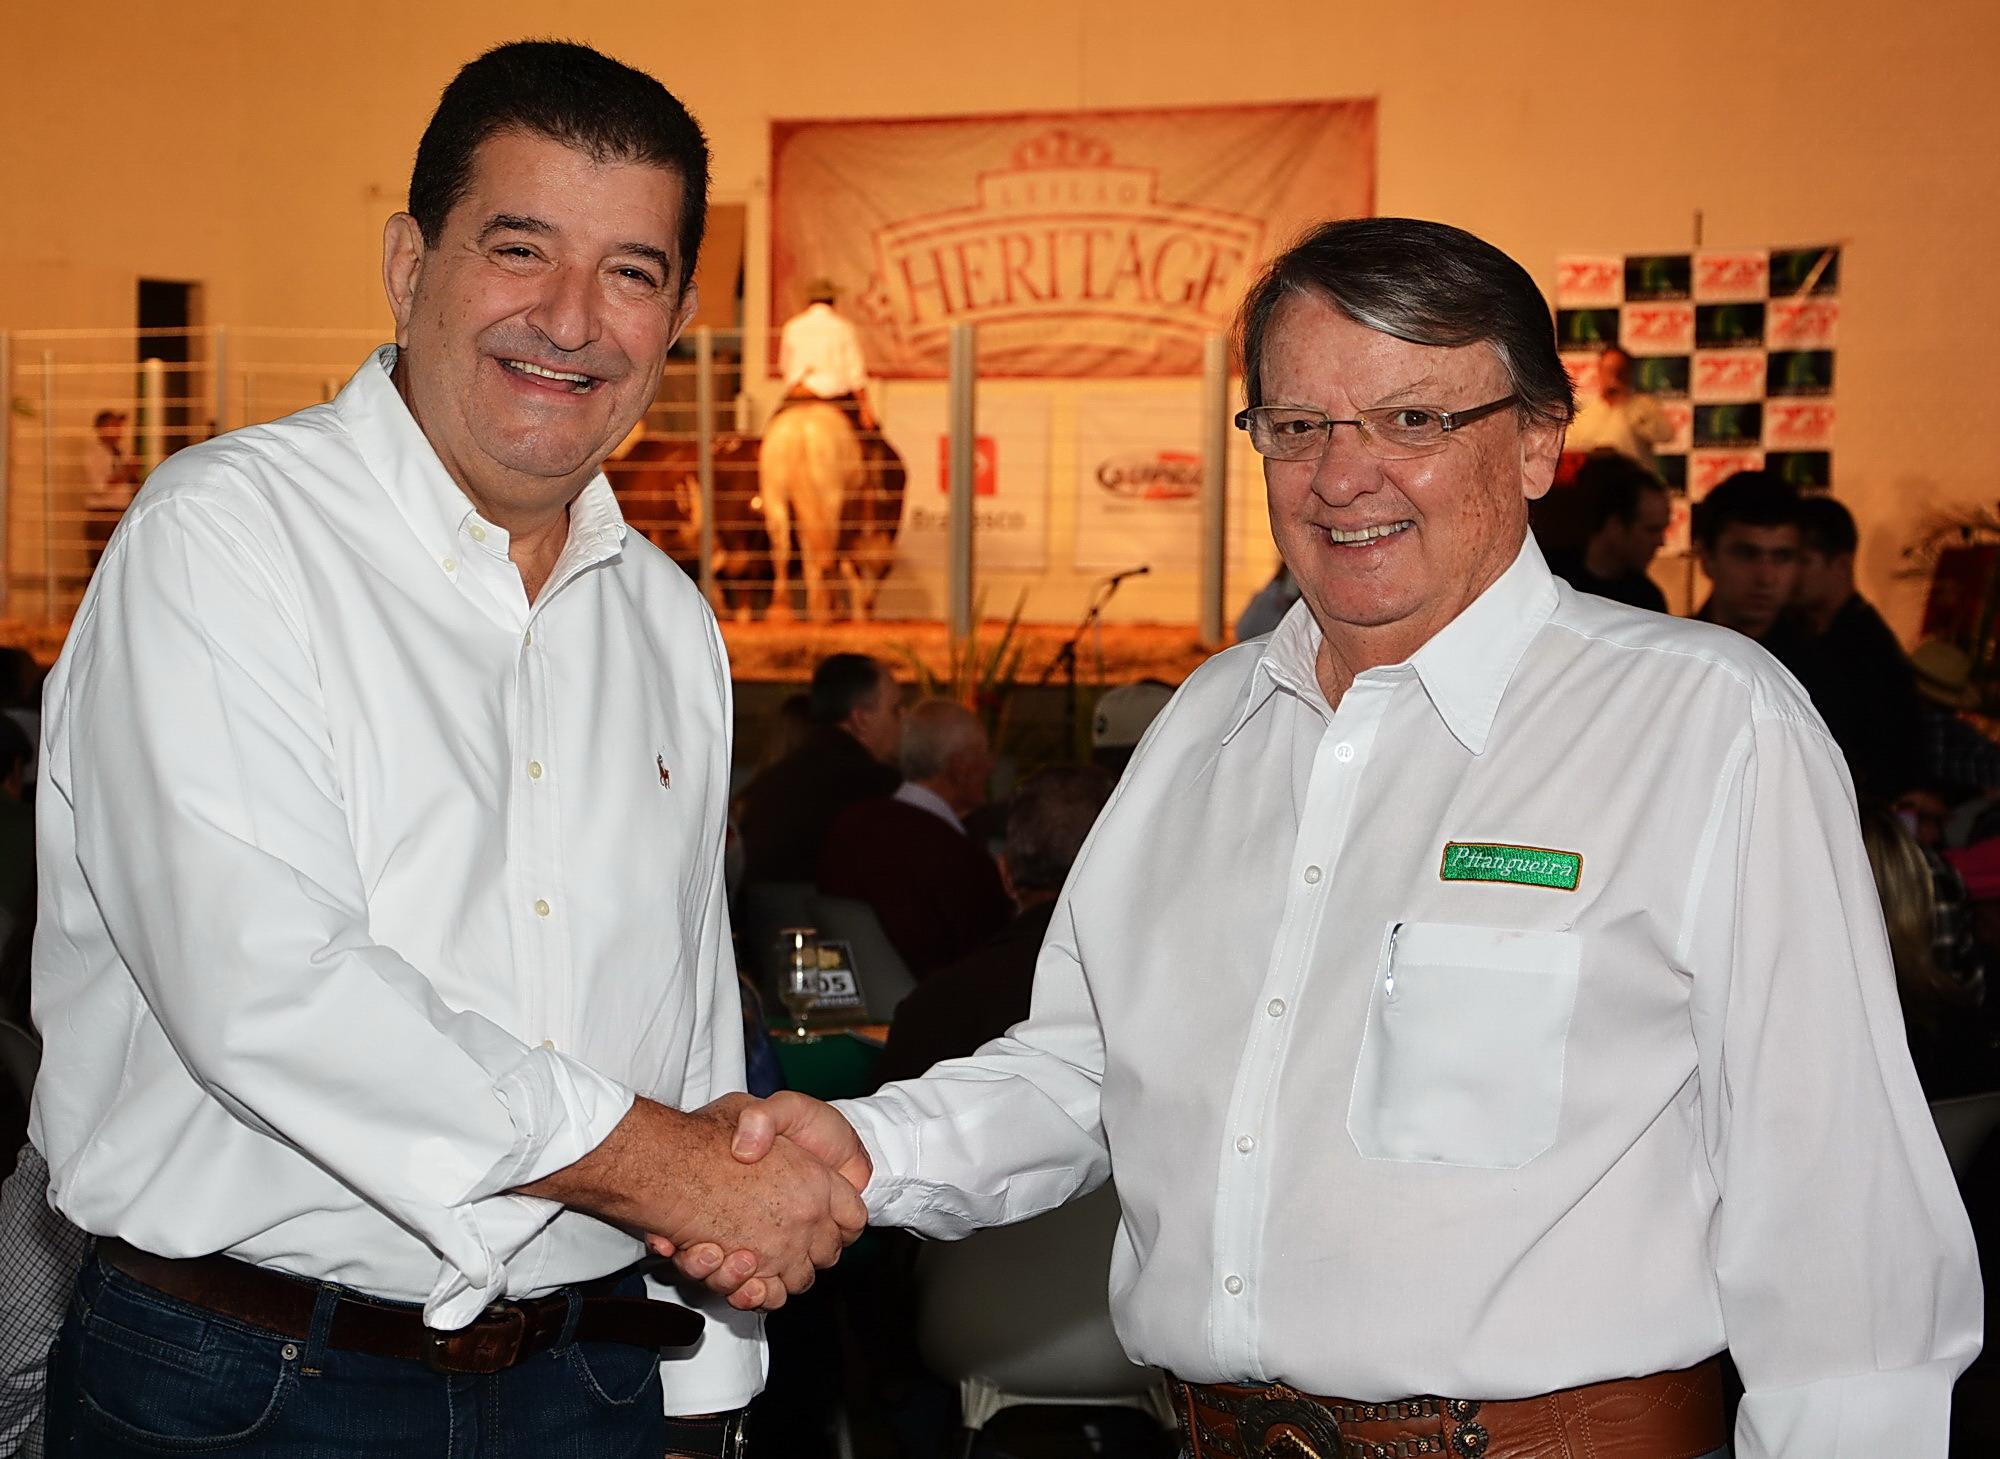 Leilão Heritage Encerra Ciclo De Remates Da 69ª Feapec